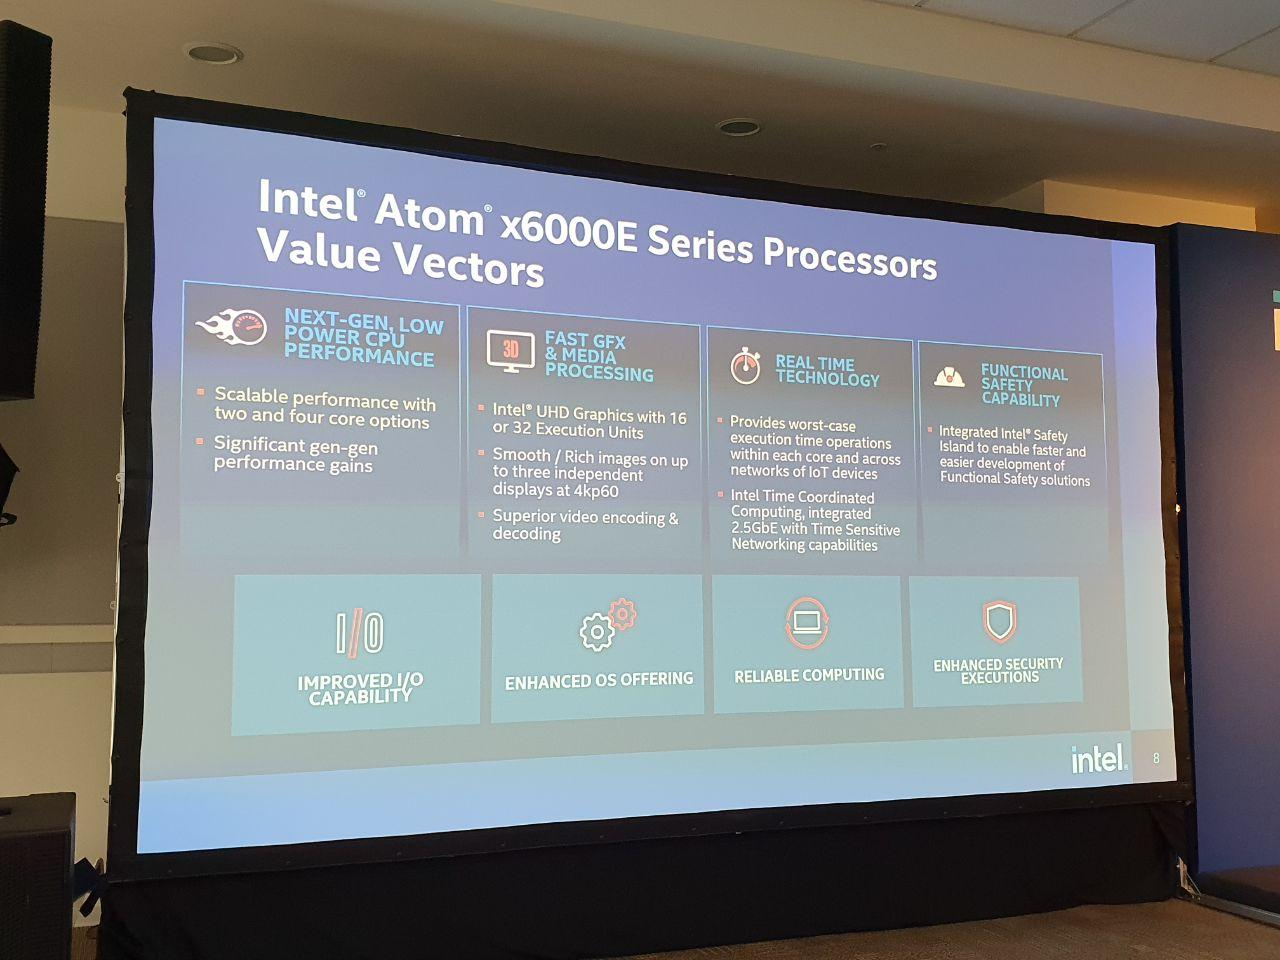 Intel Atom x6000E Series Processors Value Vectors